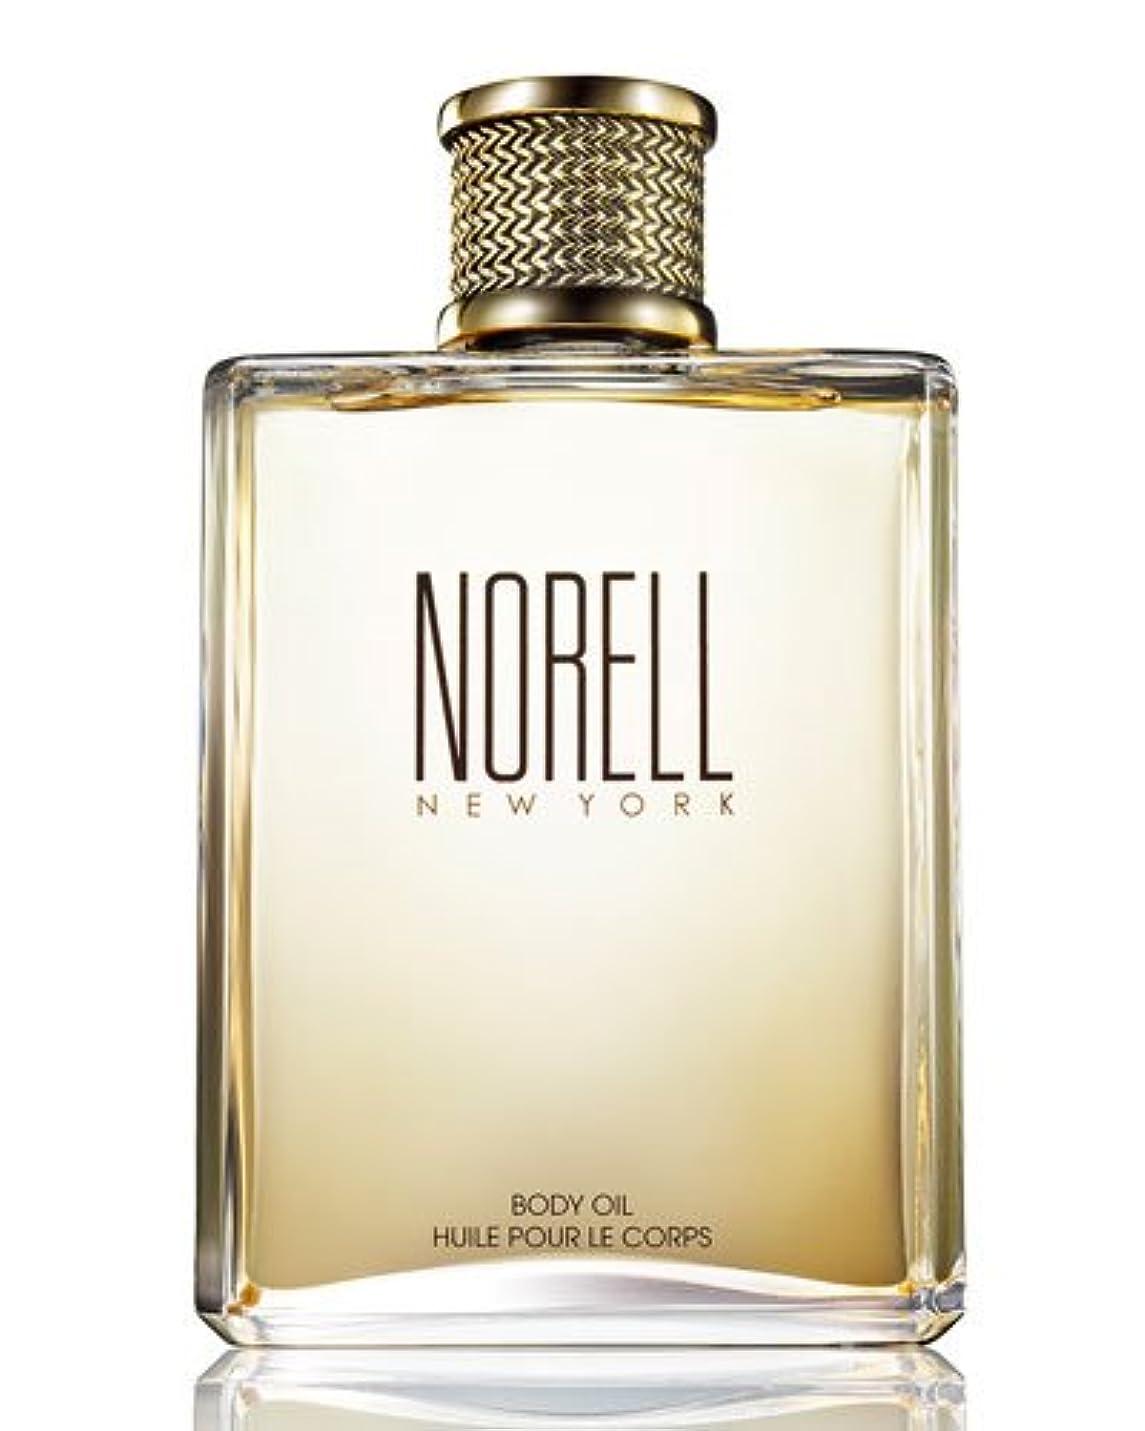 エレクトロニック追い付く放課後Norell (ノレル) 8.0 oz (240ml) Body Oil by Norell New York